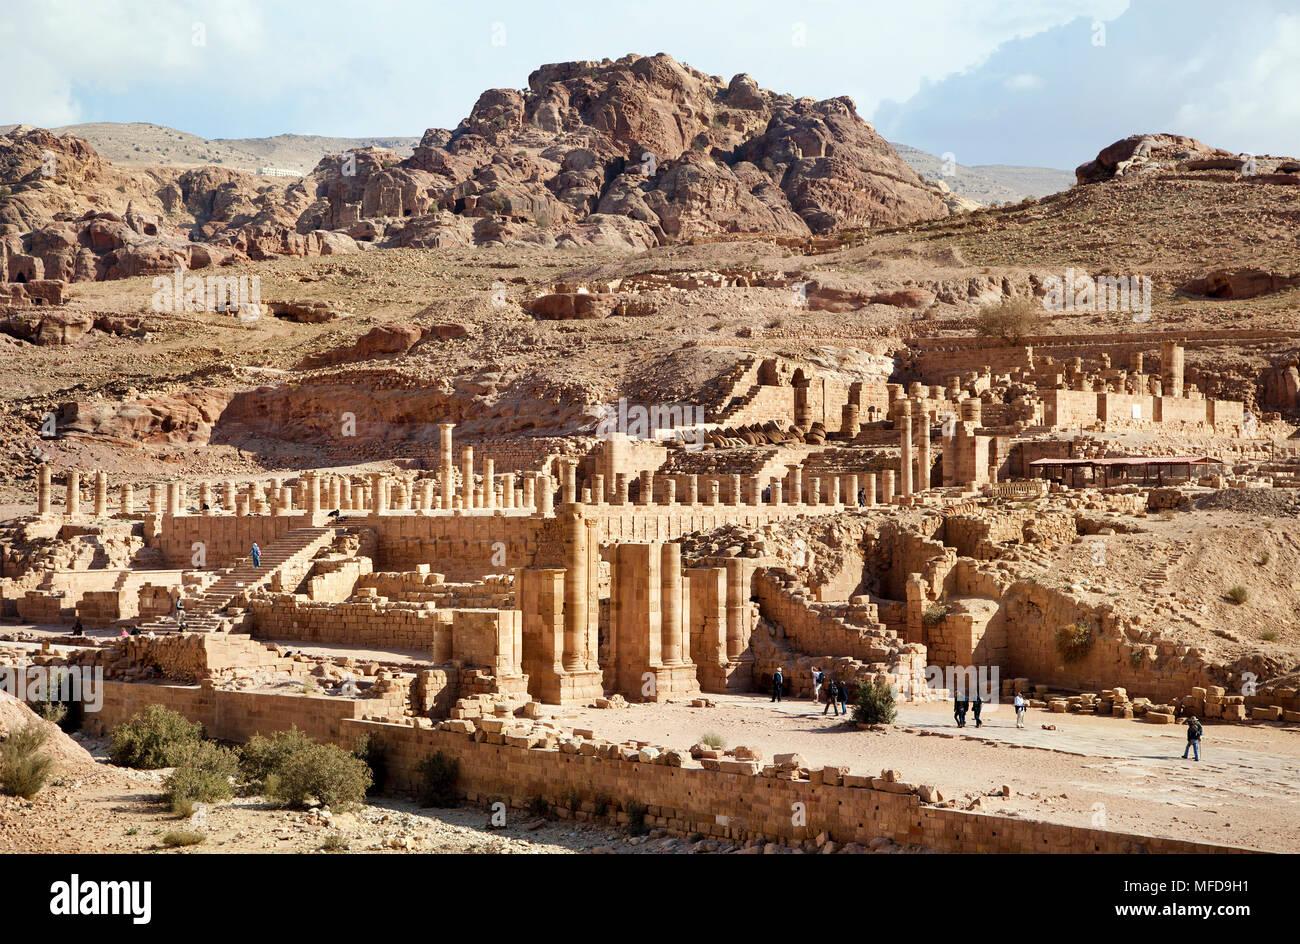 Vista panorámica de la Columnata street, las ruinas del Templo Mayor y de la puerta de Temenos en la antigua ciudad de Petra, Jordania Imagen De Stock